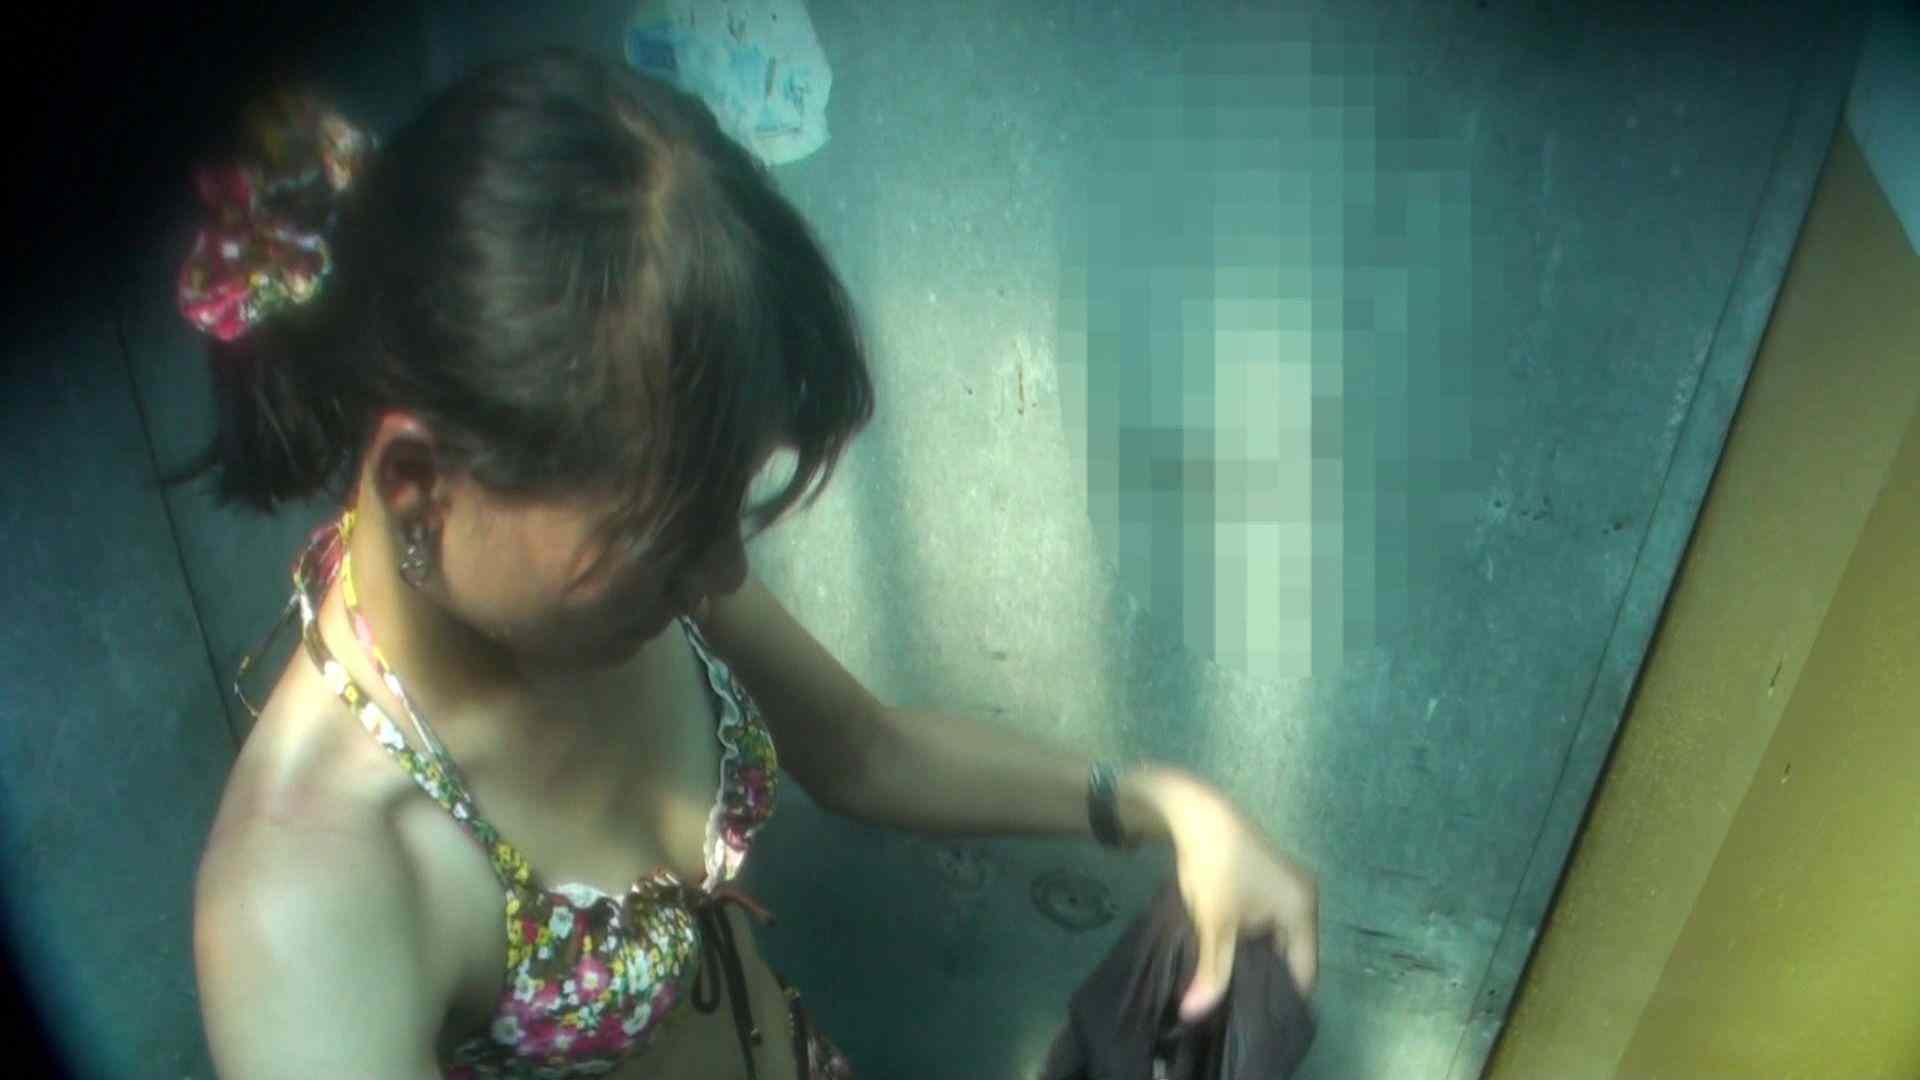 シャワールームは超!!危険な香りVol.16 意外に乳首は年増のそれ エロティックなOL   乳首  105画像 86